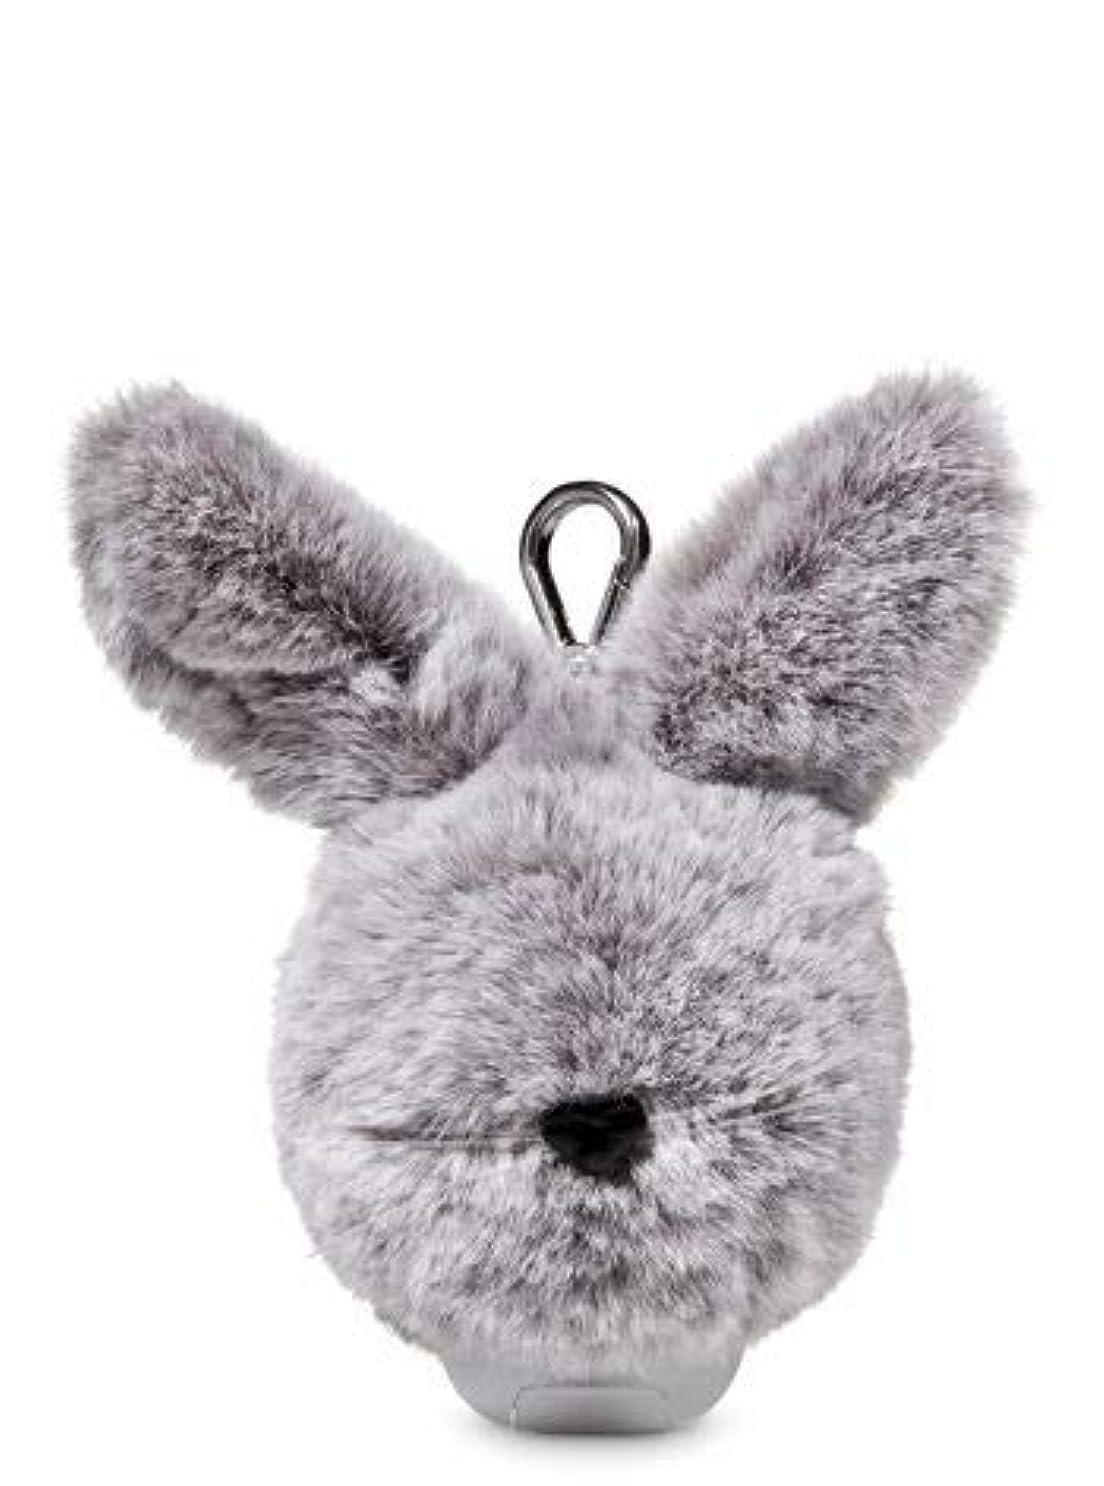 尾降雨ポーター【Bath&Body Works/バス&ボディワークス】 抗菌ハンドジェルホルダー イースターバニーポム Pocketbac Holder Easter Bunny Pom [並行輸入品]